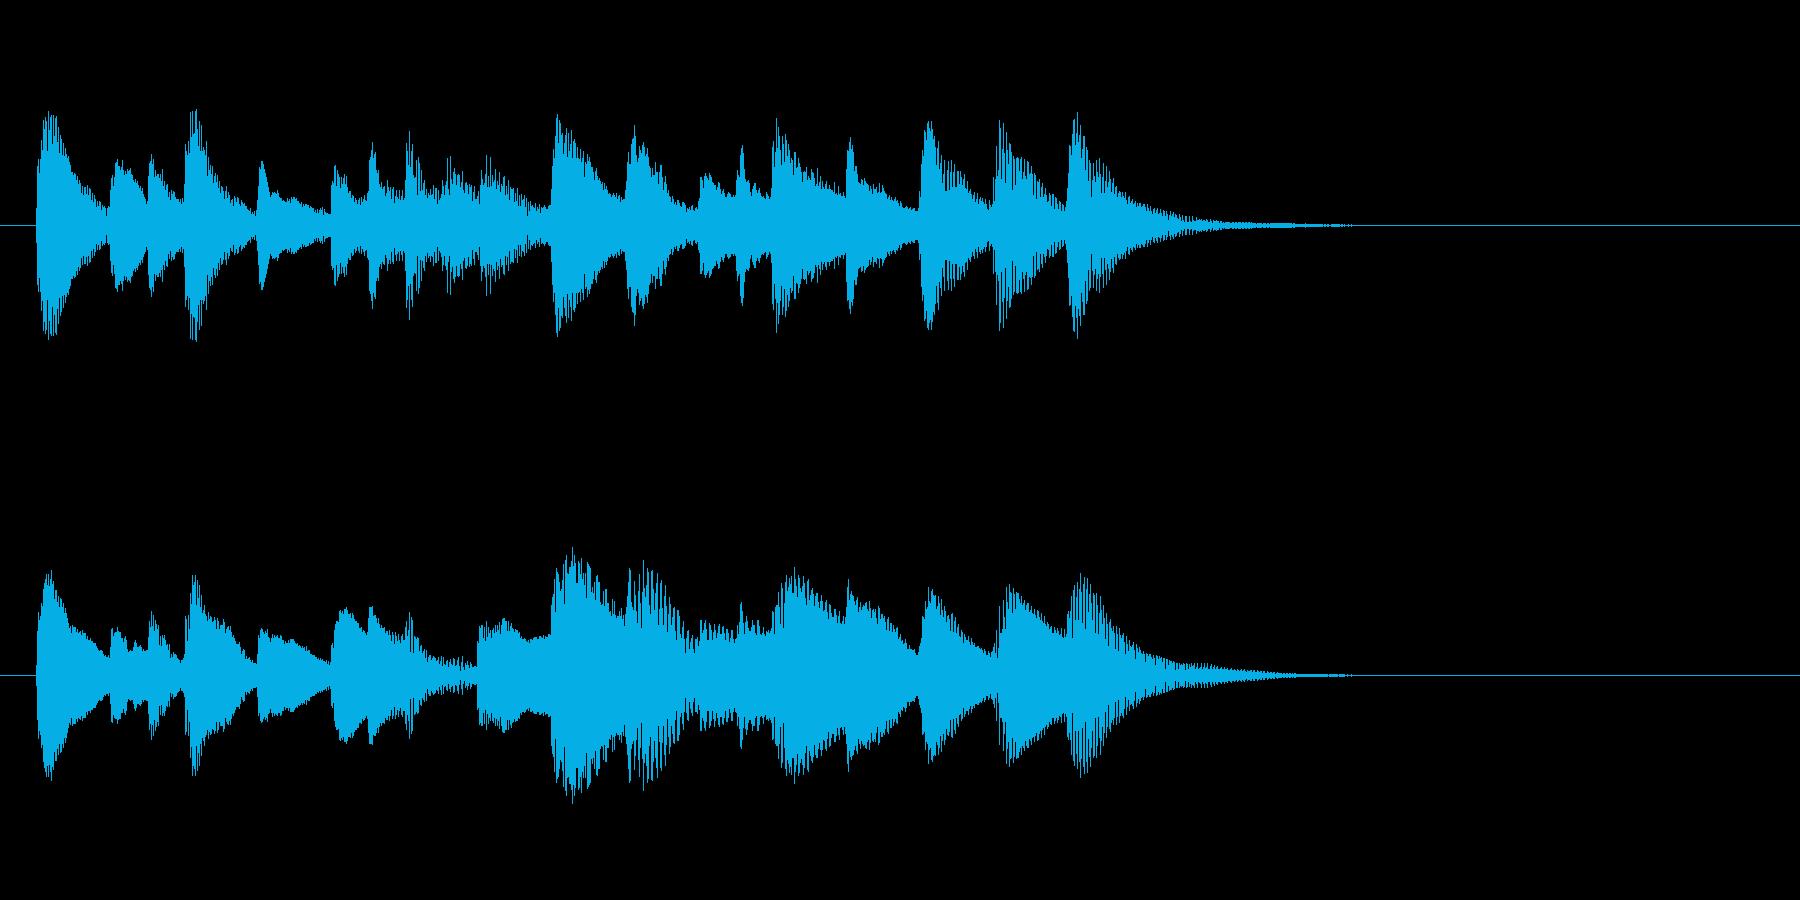 ほのぼの可愛いお料理木琴マリンバ三重奏の再生済みの波形